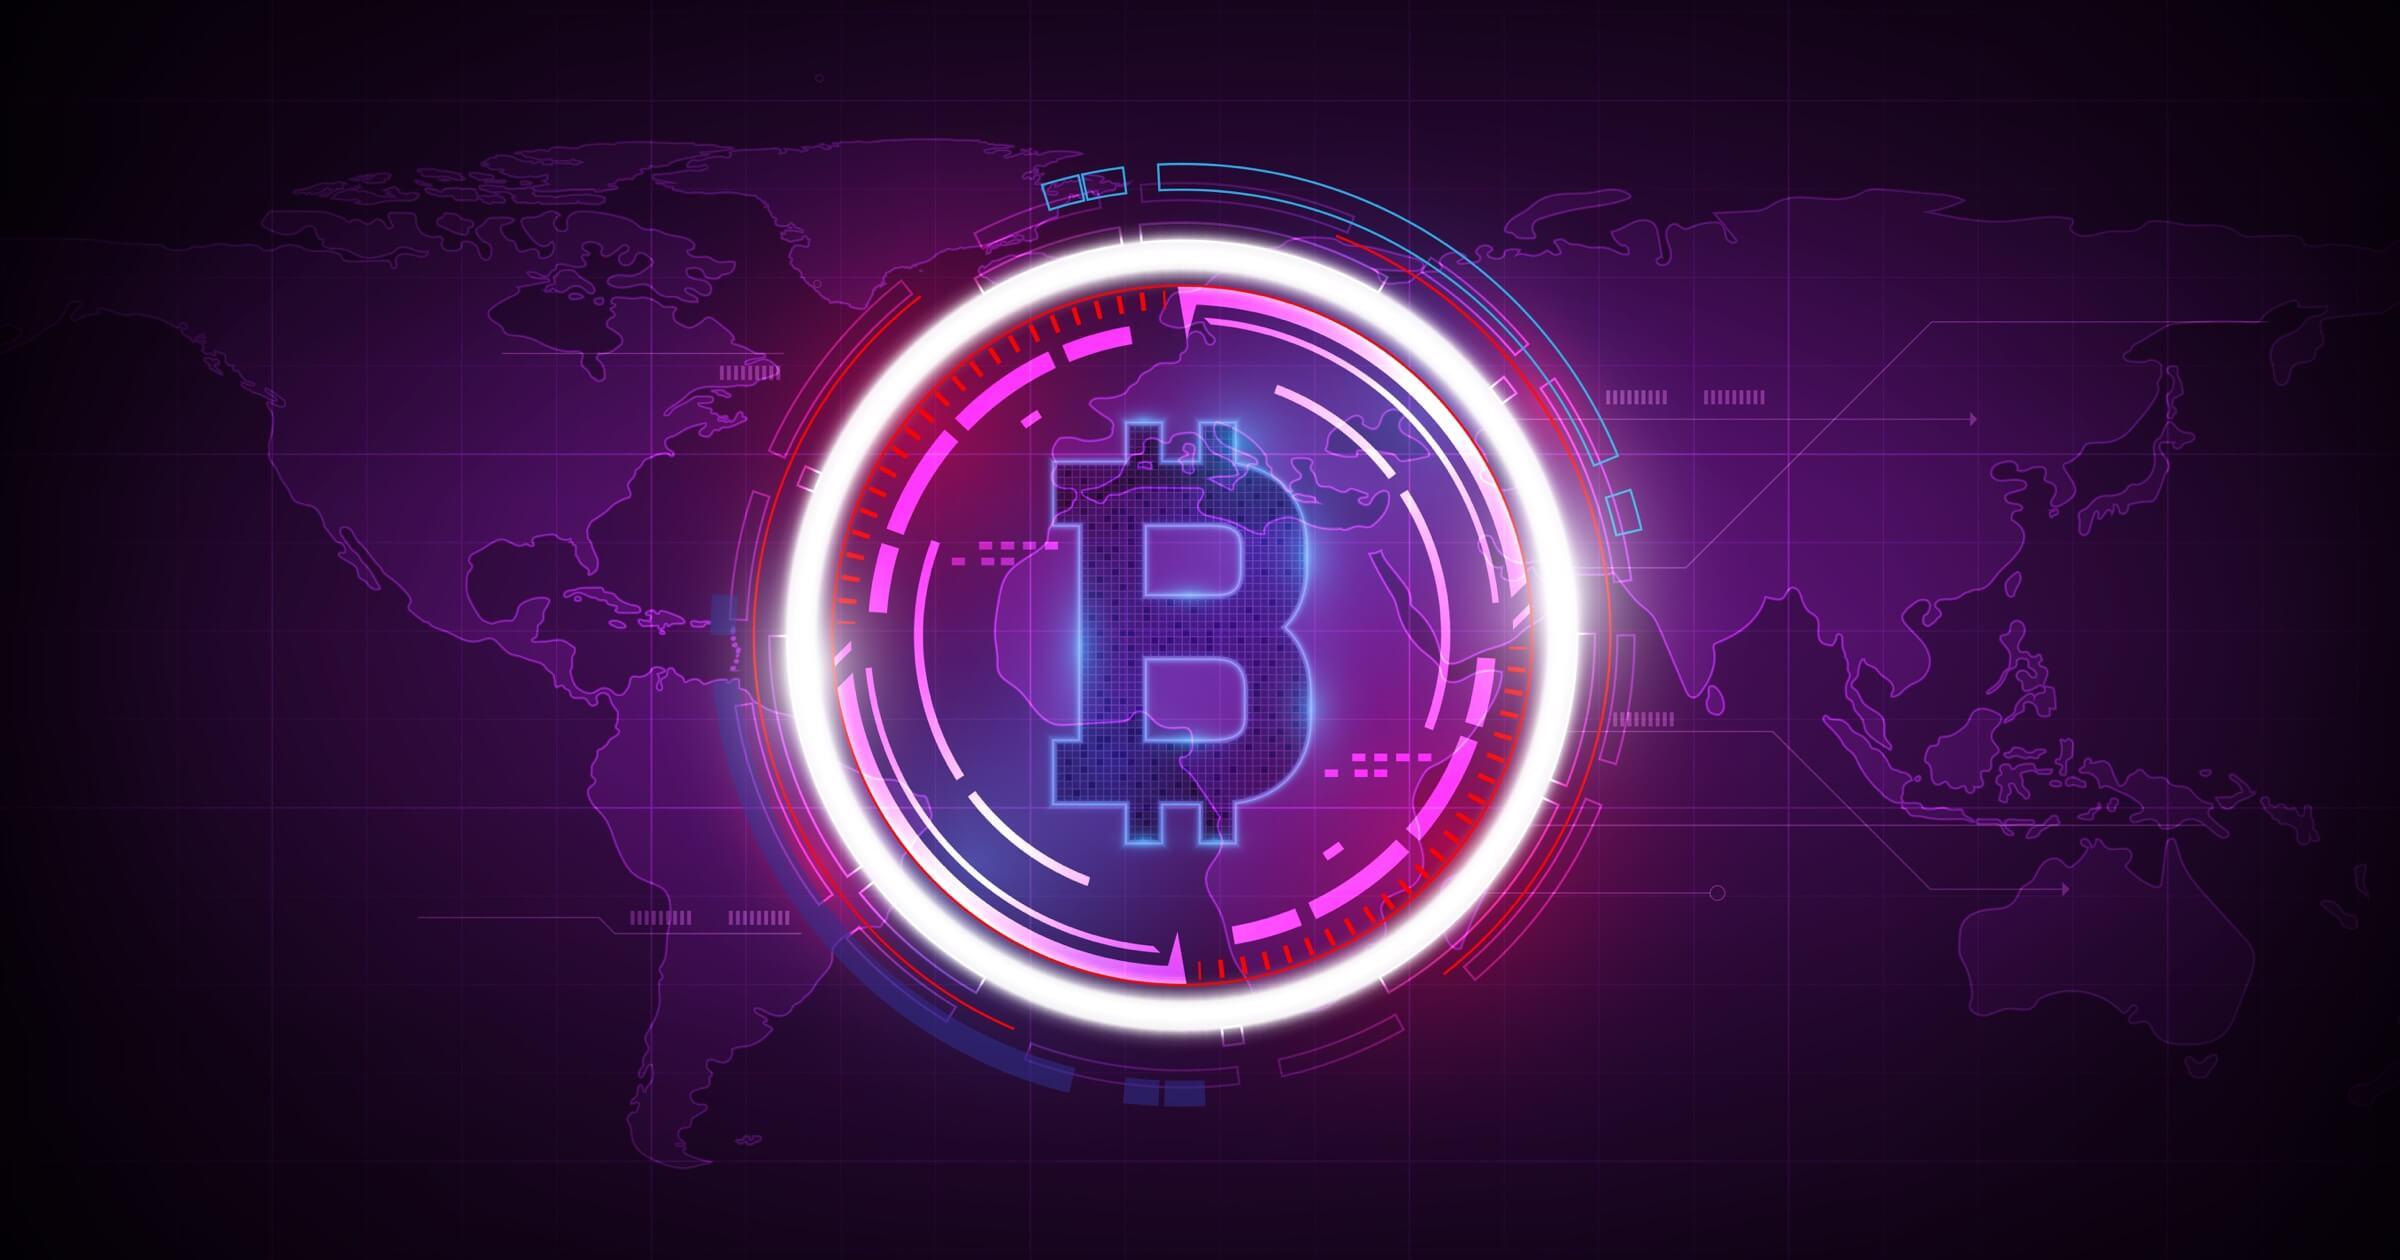 Investtor News: notícias sobre criptomoedas